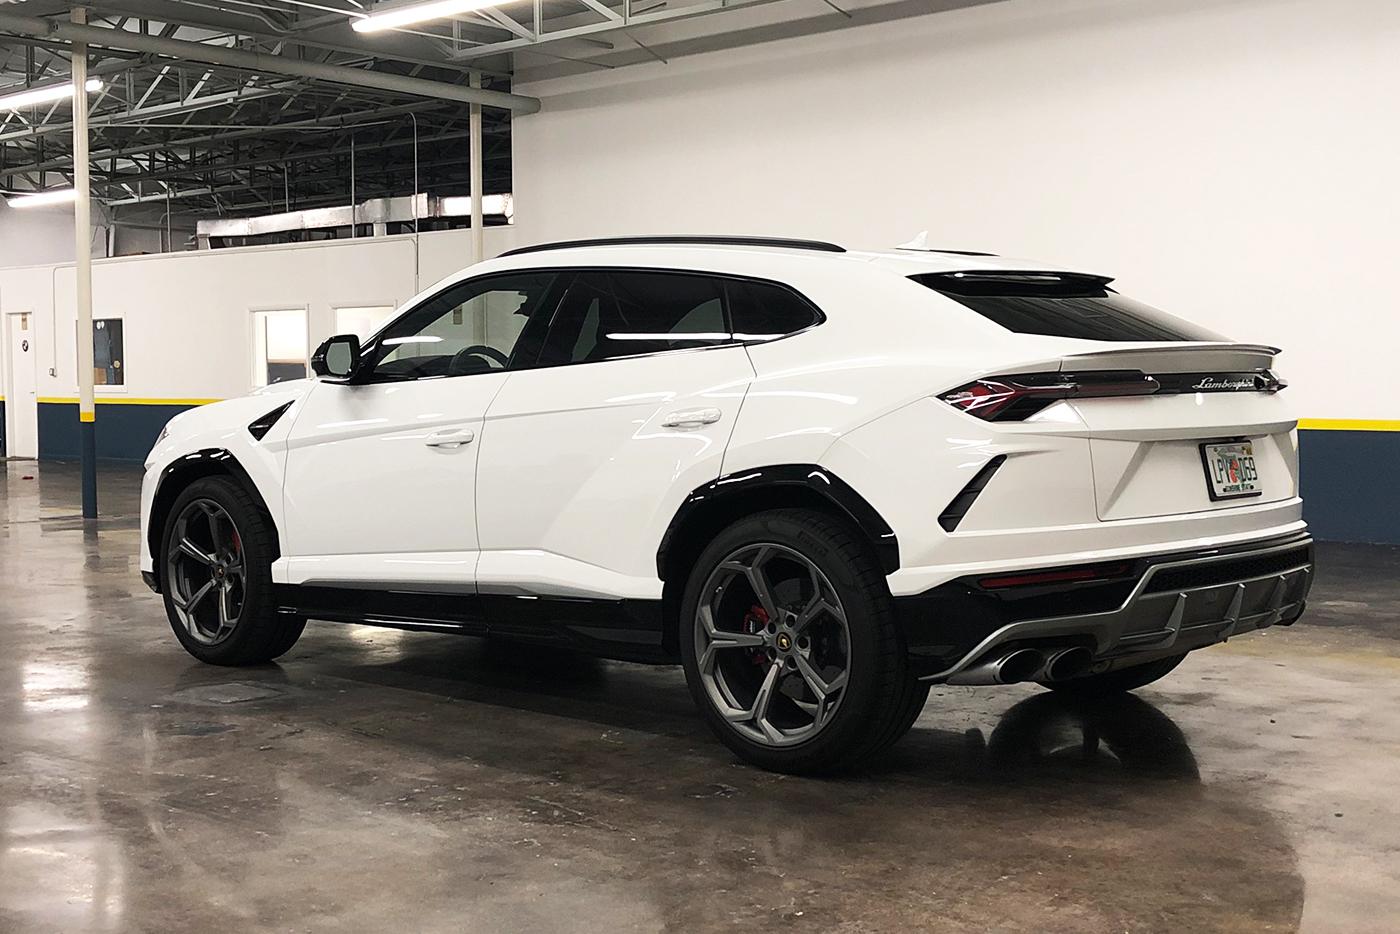 Lamborghini-Urus-_-Website2.jpg